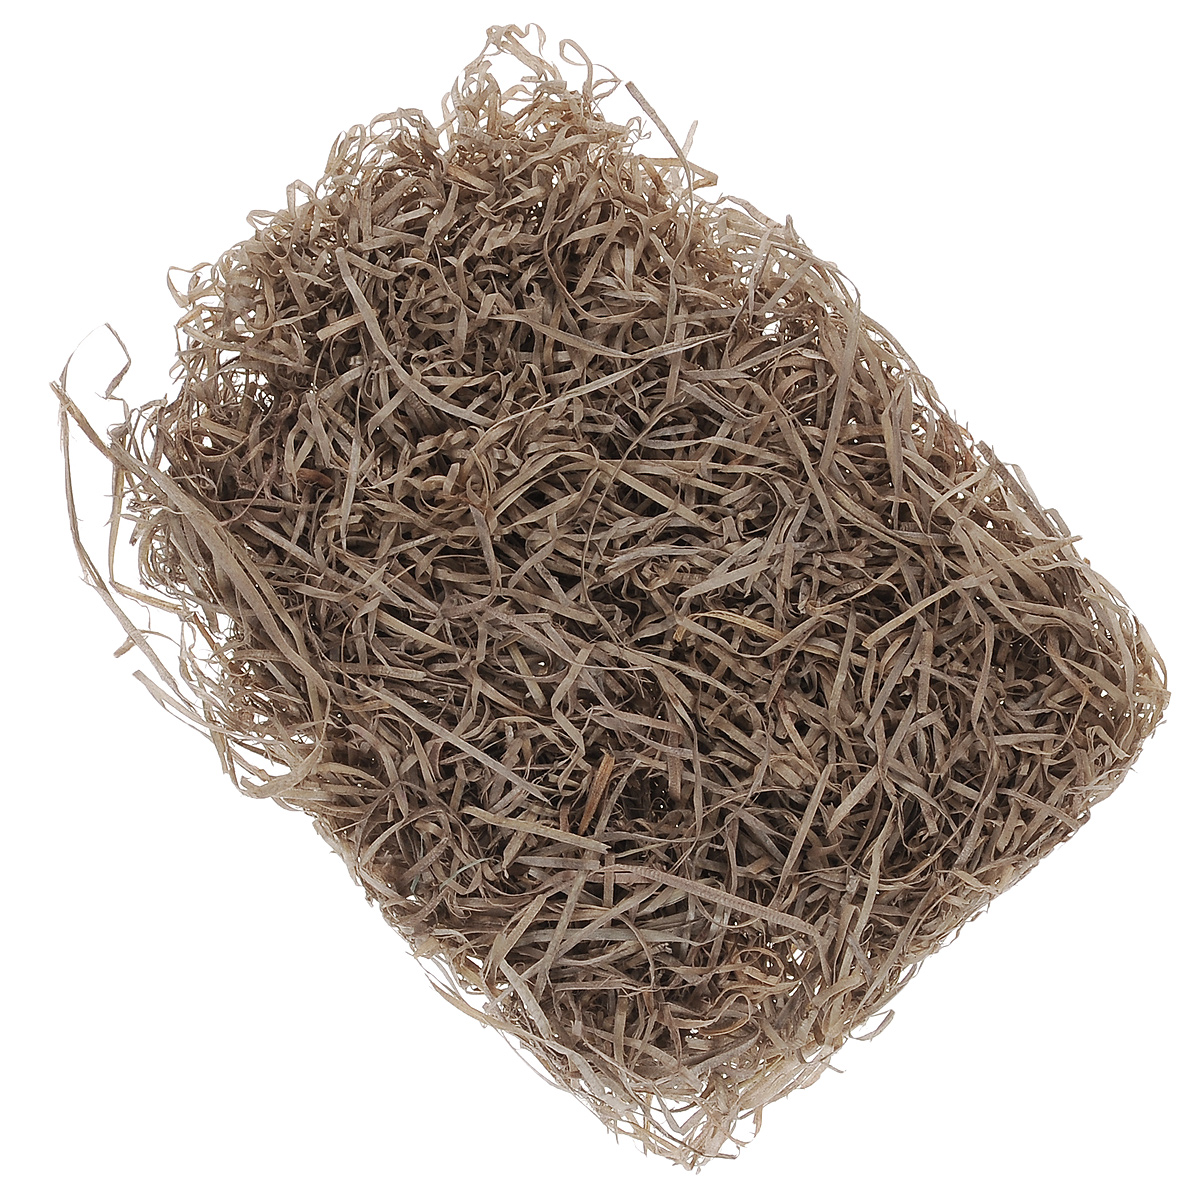 Древесная стружка Hobby Time, цвет: коричневый (09), 20 г7706397_09Древесная стружка Hobby Time является оригинальным натуральным материалом для декора, флористики и упаковки подарков. Естественная пластичная древесина из лиственных пород деревьев (без смолы) при небольшом увлажнении становится податливым материалом, которому можно придать необходимую форму. Тонкая стружка, сухая, экологически чистая, специально подготовленная. Могут встречаться волокна более темного или серого цвета - это нормально для натуральной древесины, которая со временем темнеет при контакте с воздухом.Стружка окрашивается в различные цвета и часто применяется в ландшафтном дизайне, изготовлении цветочных композиций, подарочных корзин, декорировании цветочных горшков, рамок, стен, в скрапбукинге, для упаковки хрупких предметов и много другого.Такой материал можно комбинировать с различными аксессуарами, как с природными - веточки, шишки, скорлупа, кора, перья так и с искусственными - стразы, бисер, бусины. Уникальная токая структура волокон позволят создавать новые формы.